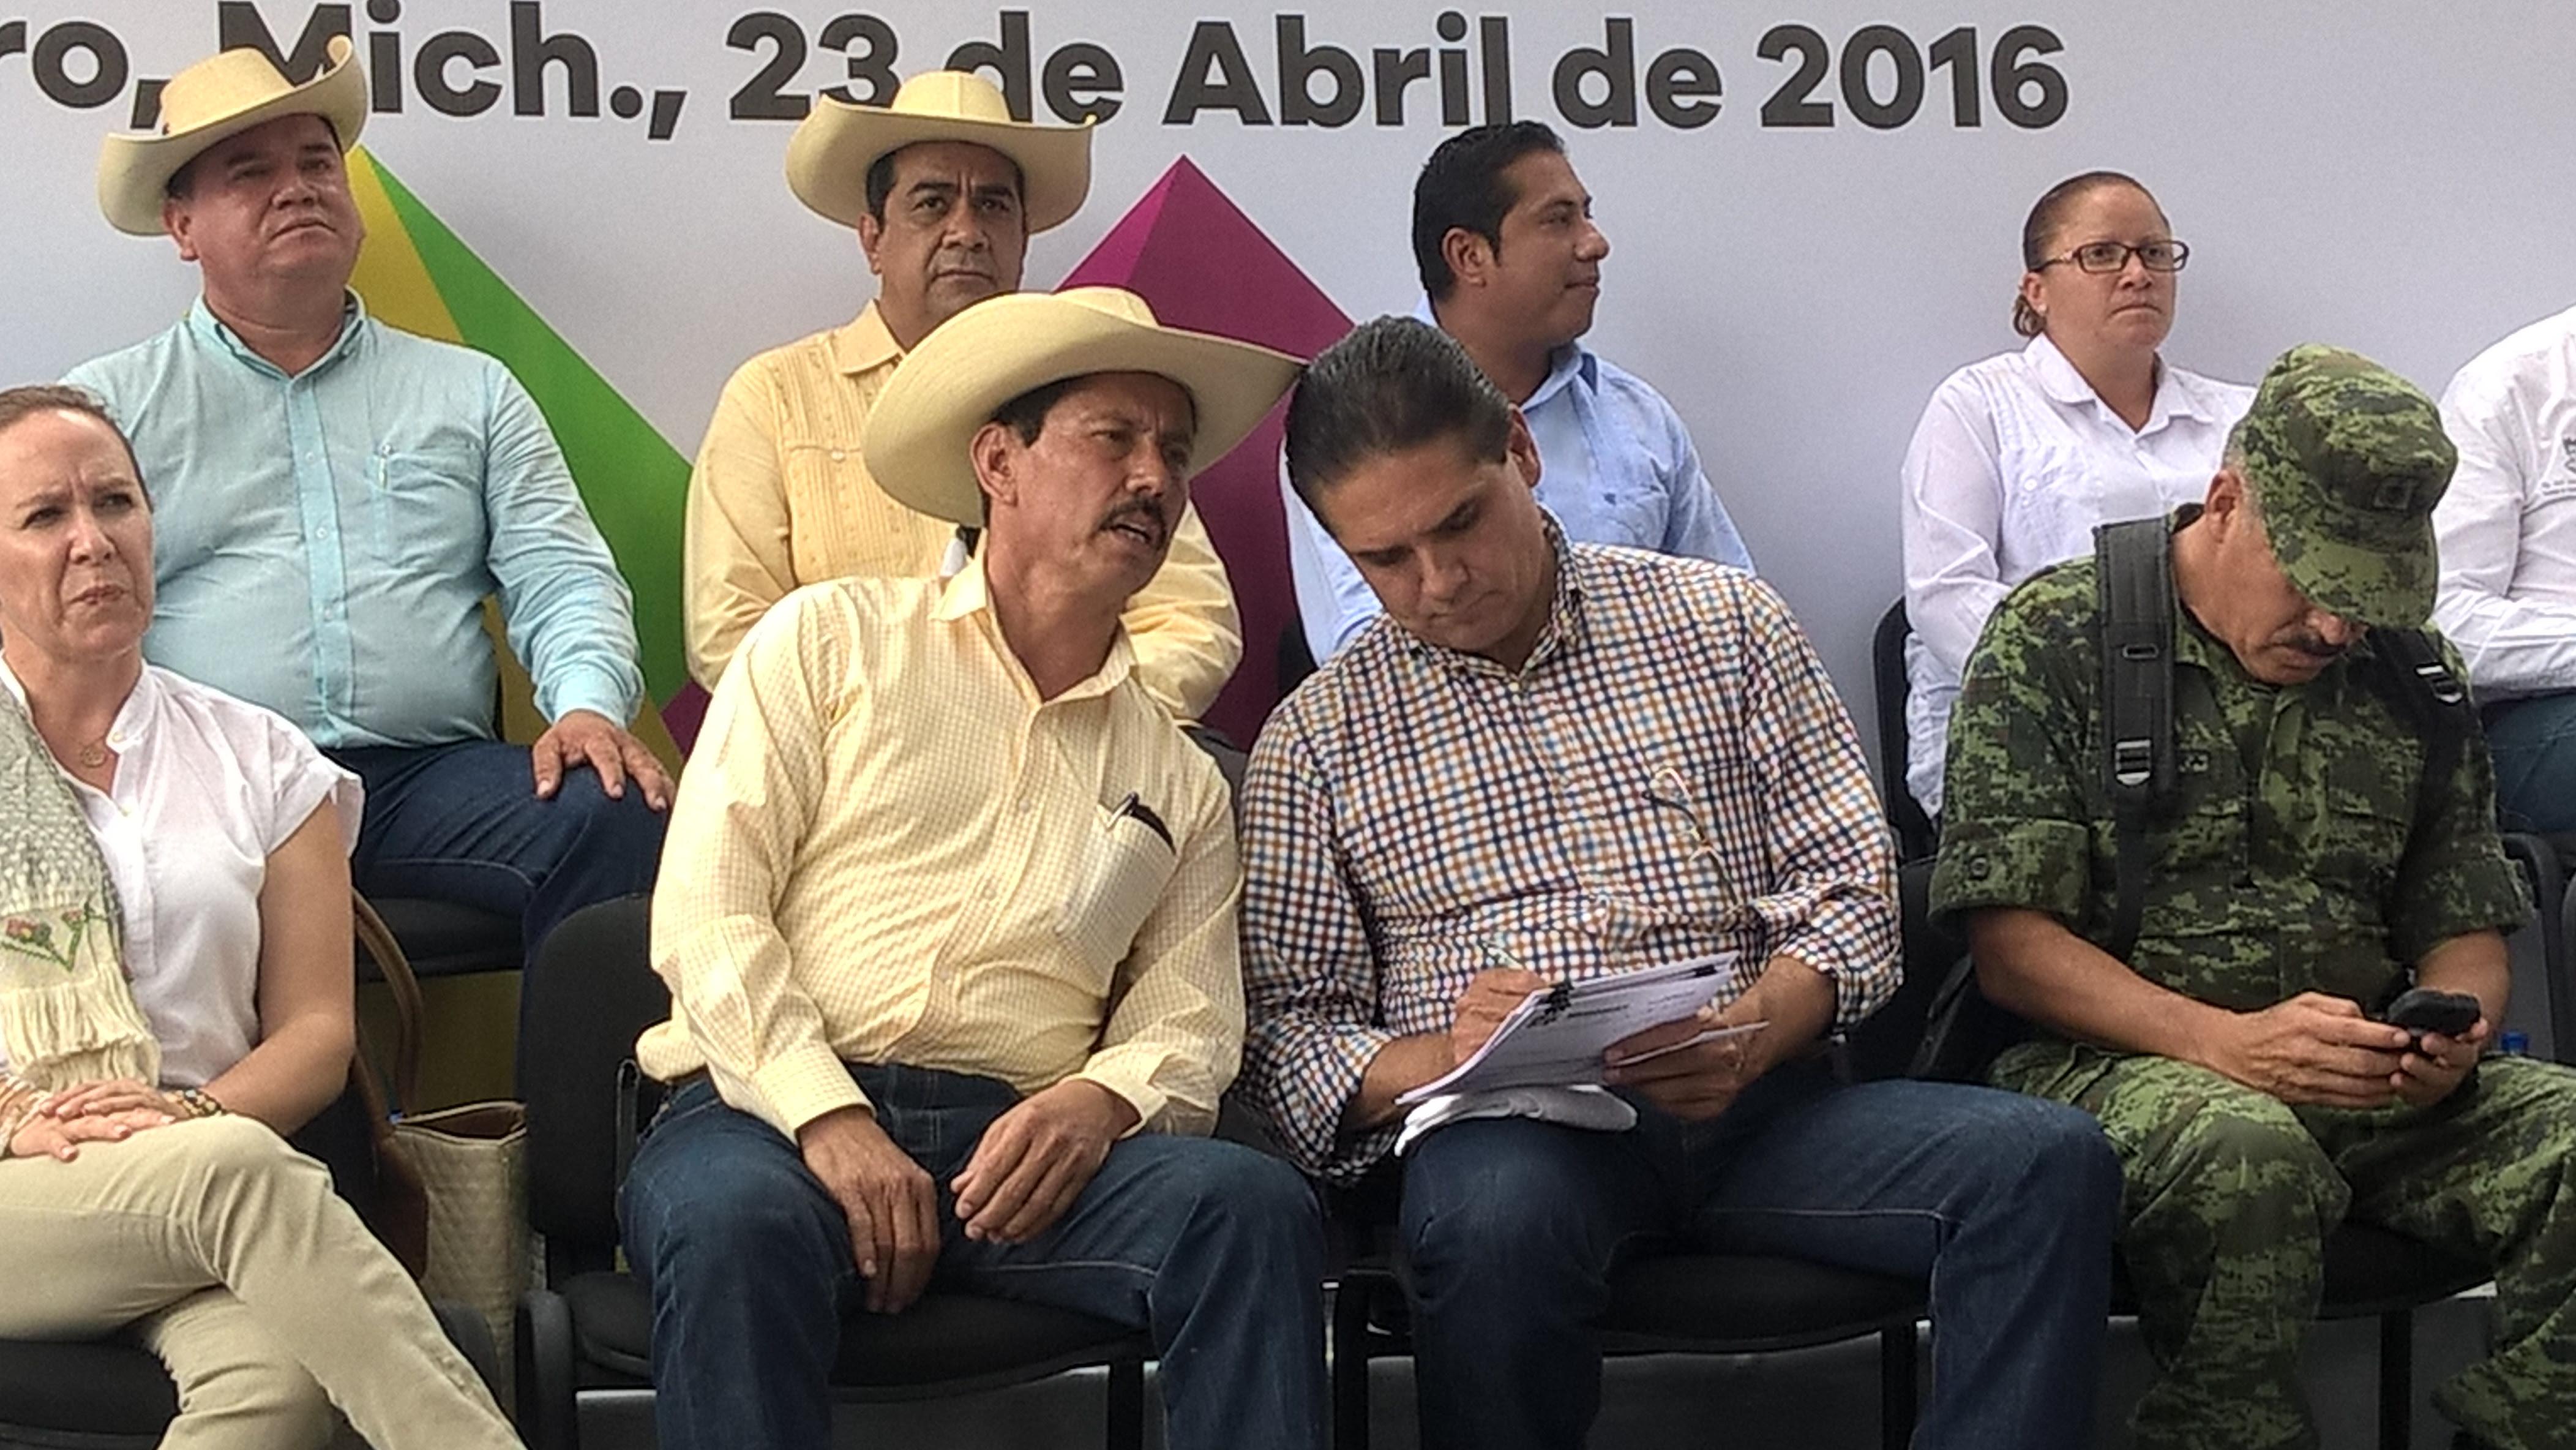 En breve se darán a conocer más acciones y un plan estratégico integral para prevenir sequías en el Bajo Balsas y en otras zonas de la Tierra Caliente, anticipa el secretario